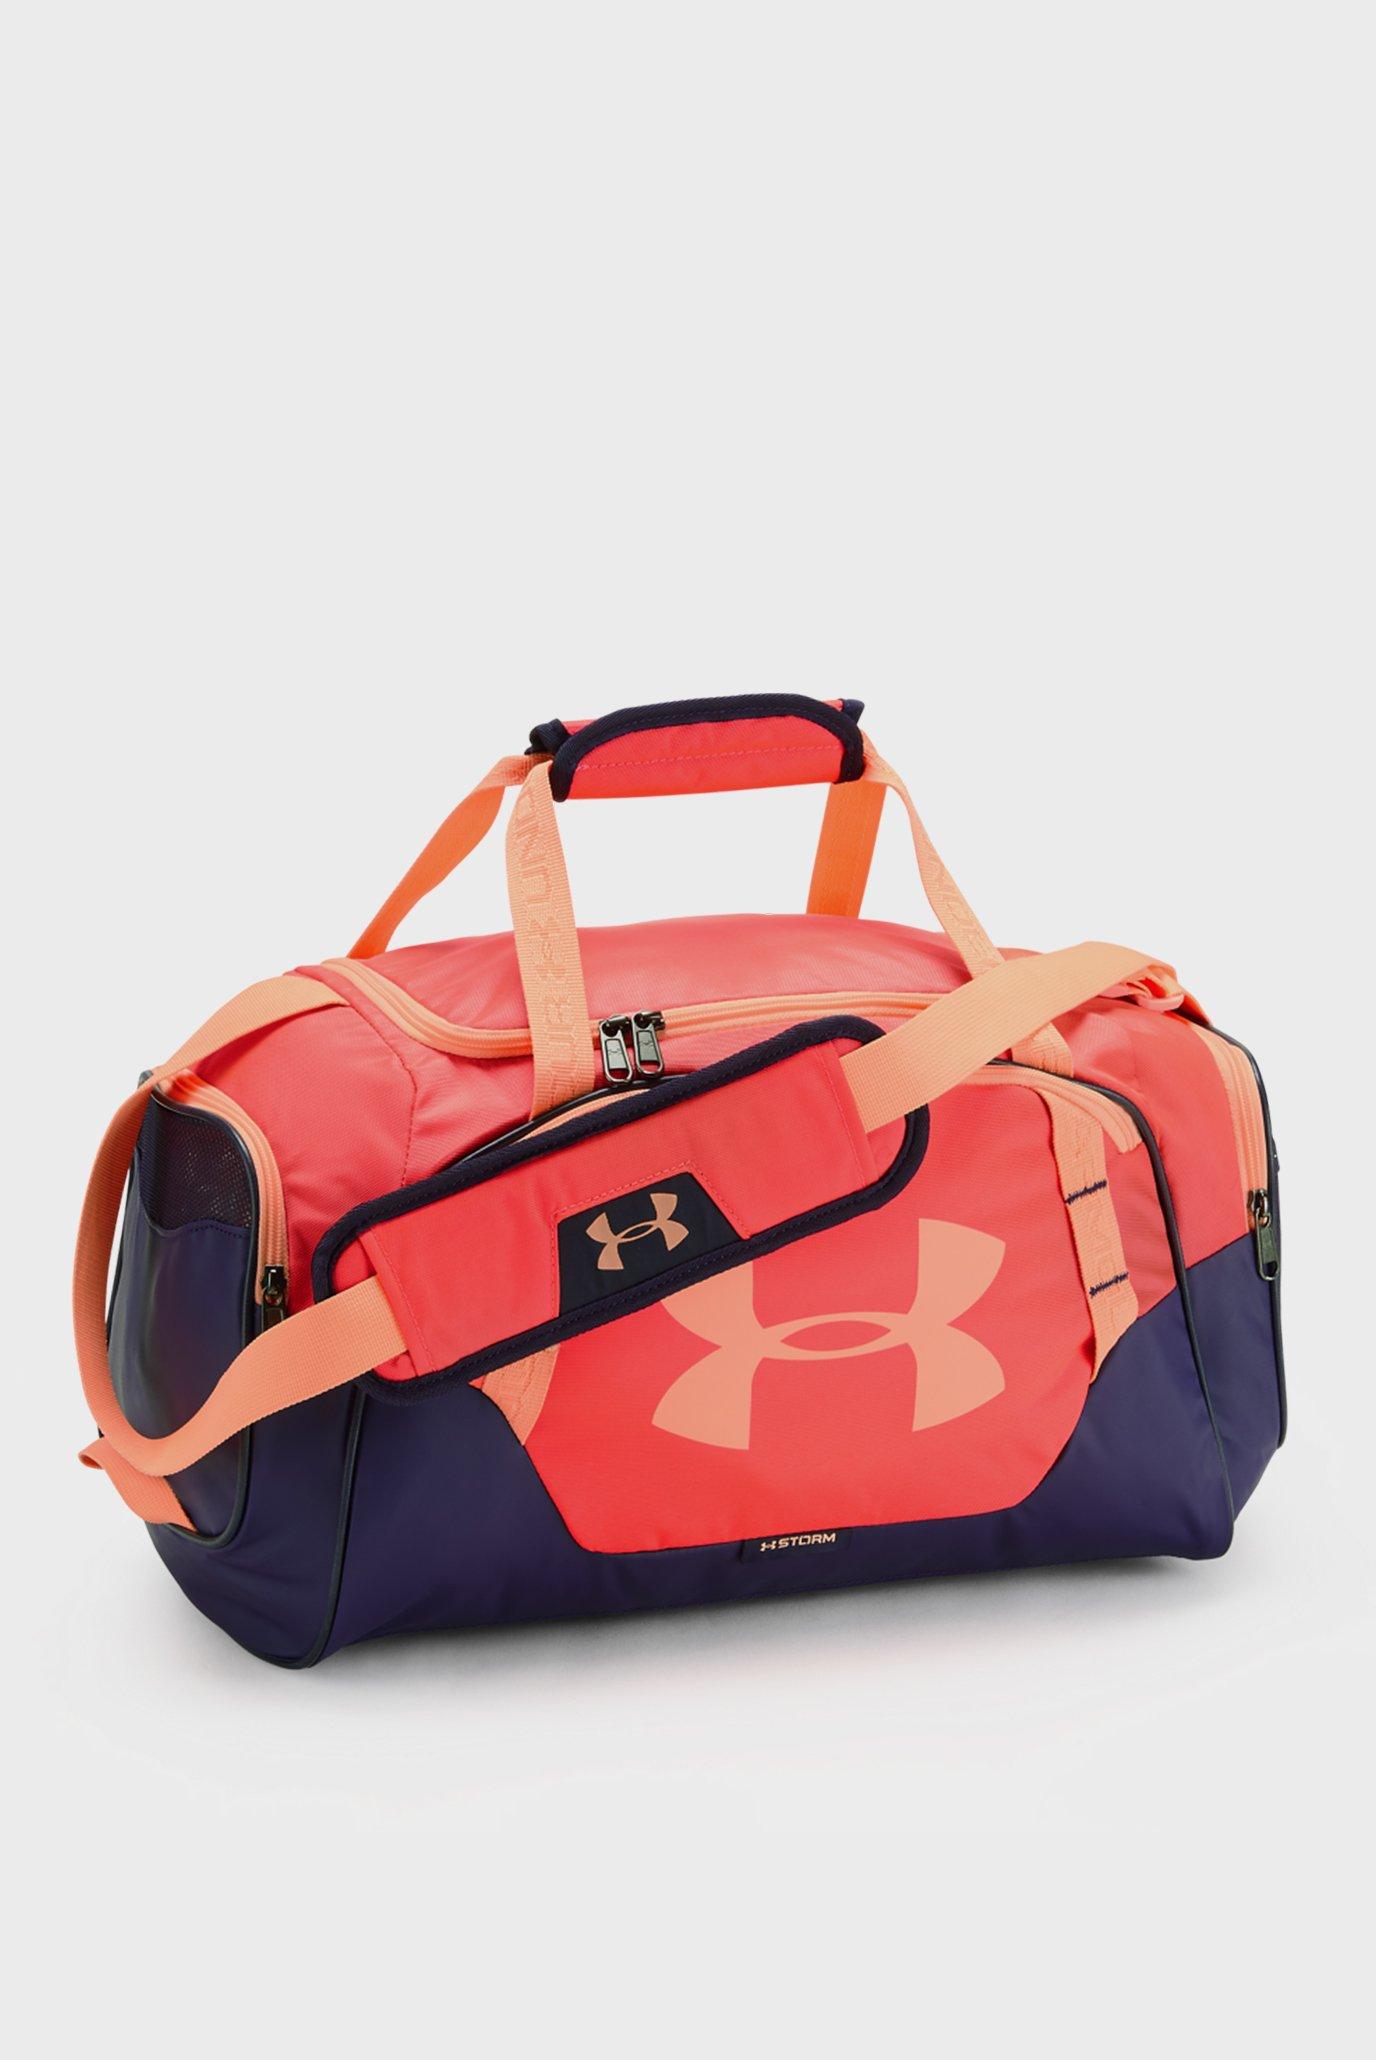 8de40c34 Купить Красная спортивная сумка UA Undeniable Duffle 3.0 XS Under Armour  Under Armour 1301391-878 – Киев, ...